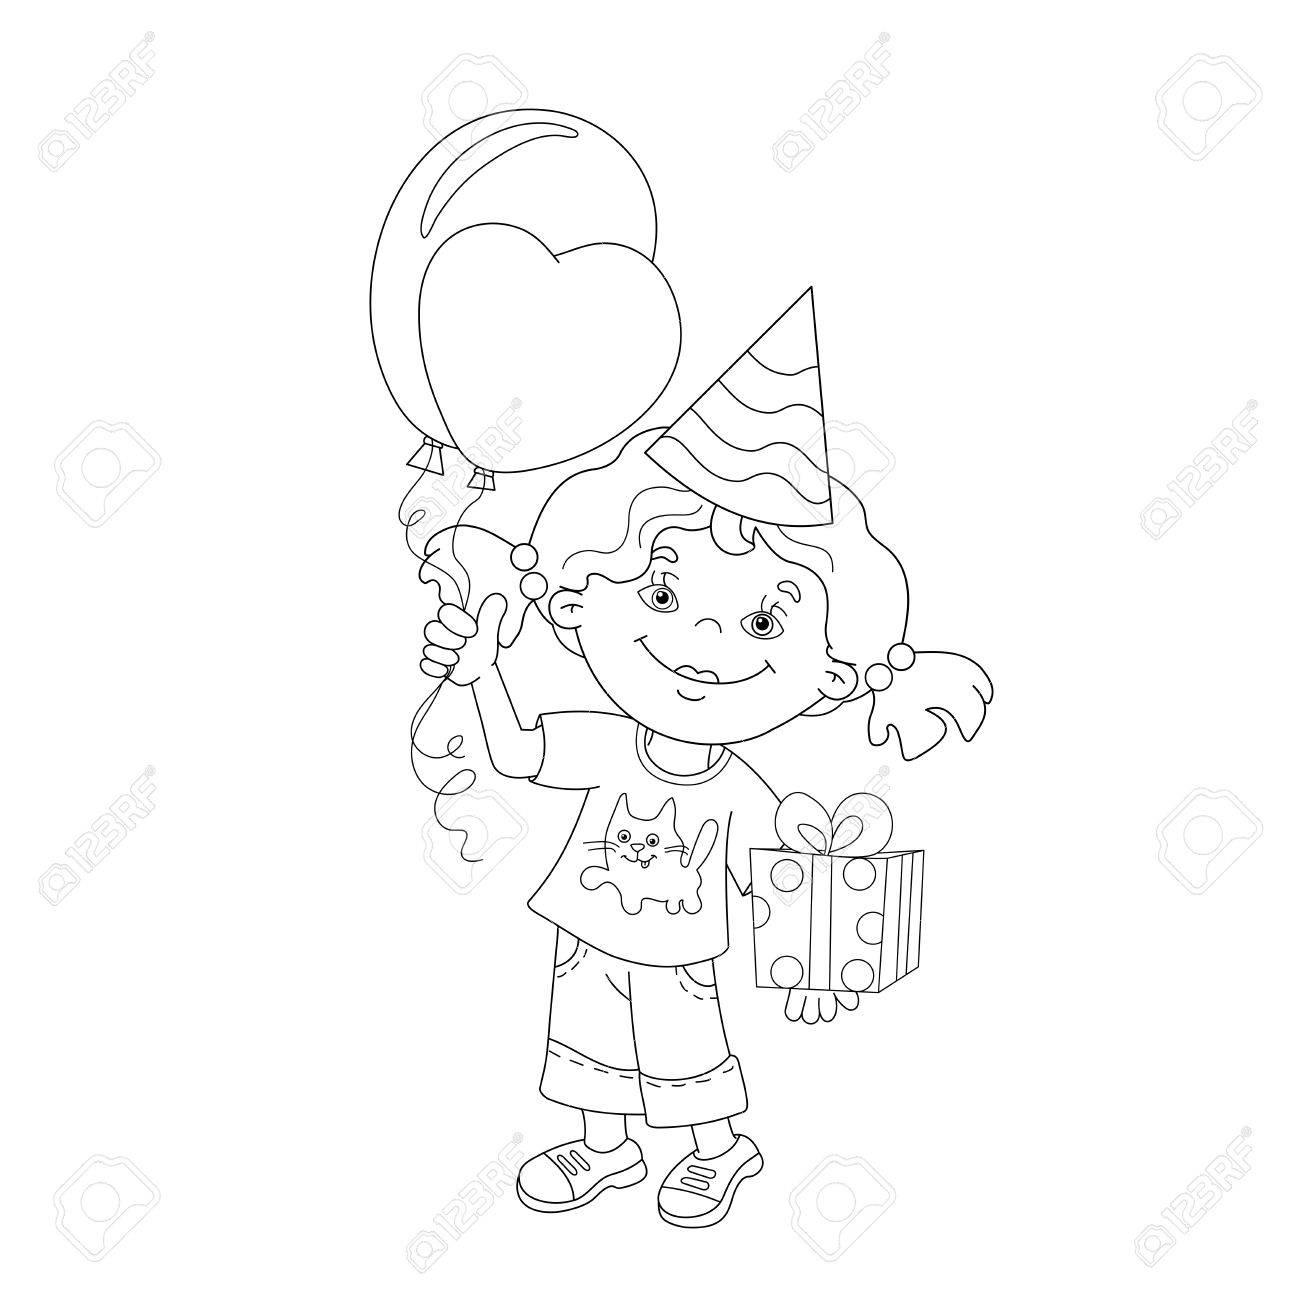 Página Para Colorear Esquema De Niña De Dibujos Animados Con El Regalo Y Globos Libro De Colorear Para Niños